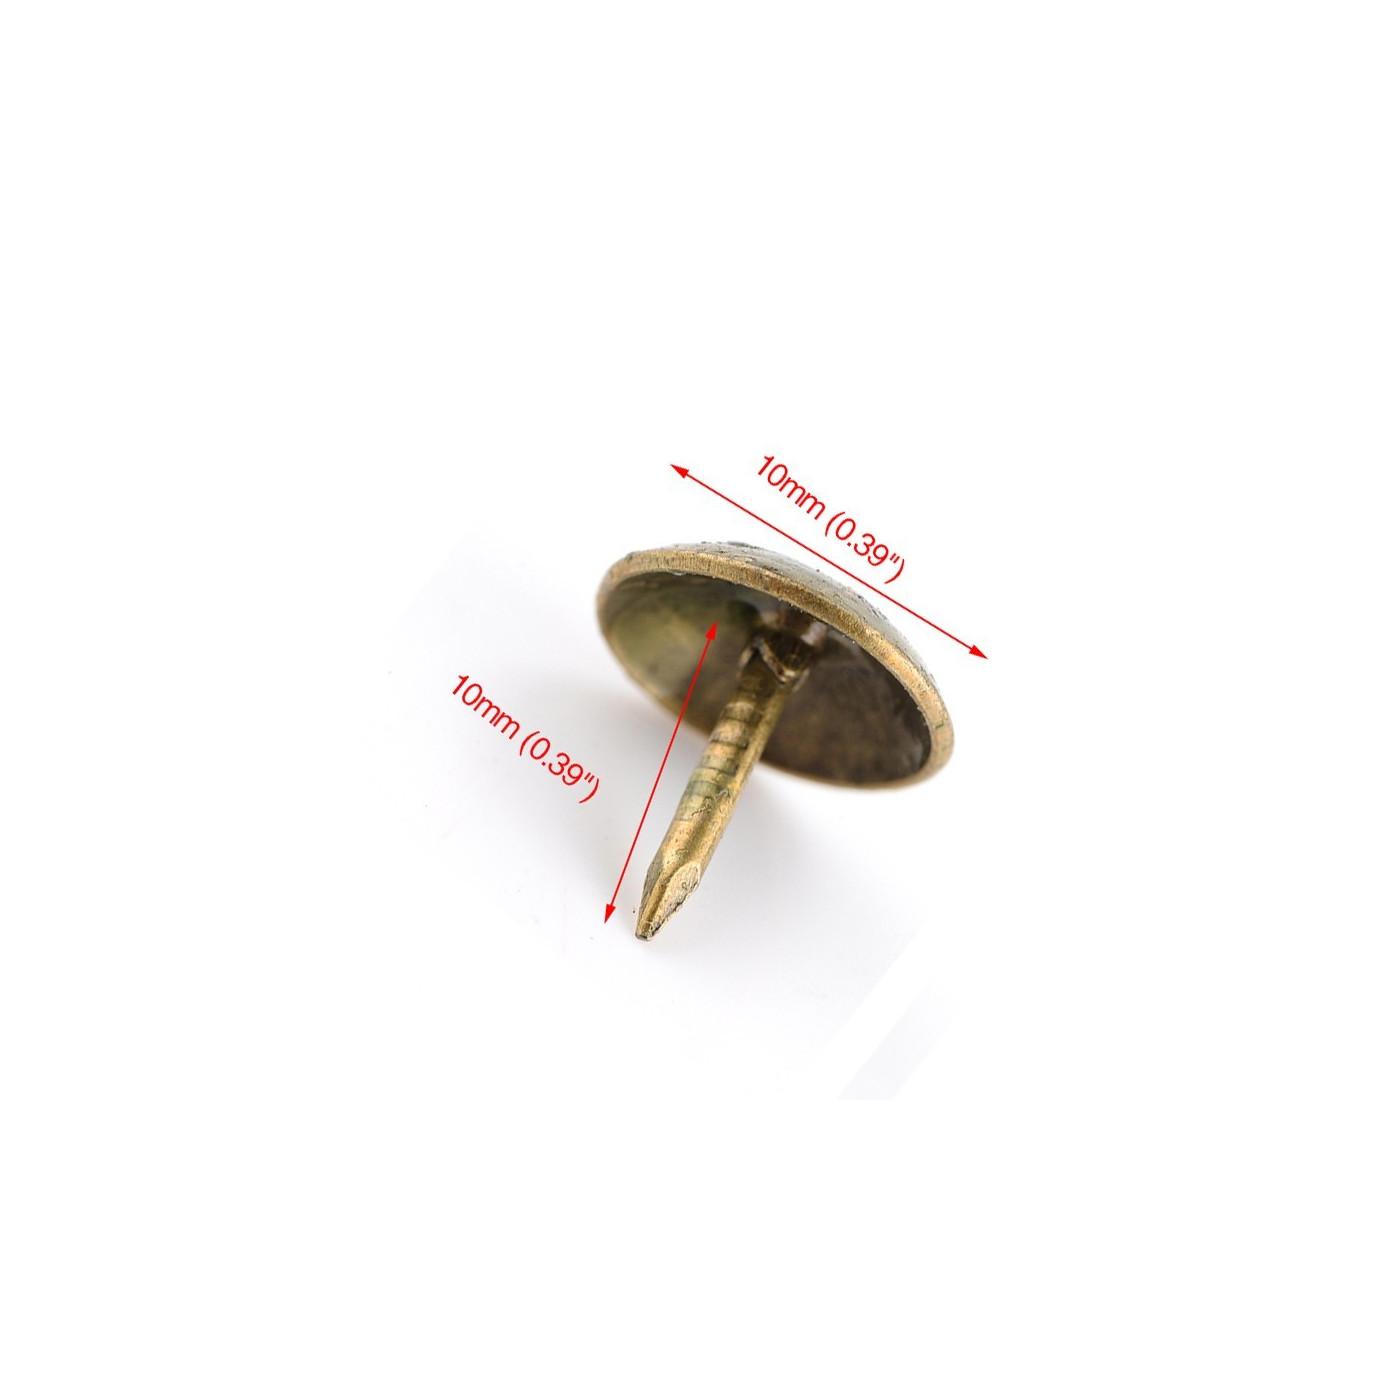 Conjunto de 300 alfinetes clássicos (pregos para móveis), bronze, 10x10 mm, tipo 2  - 1